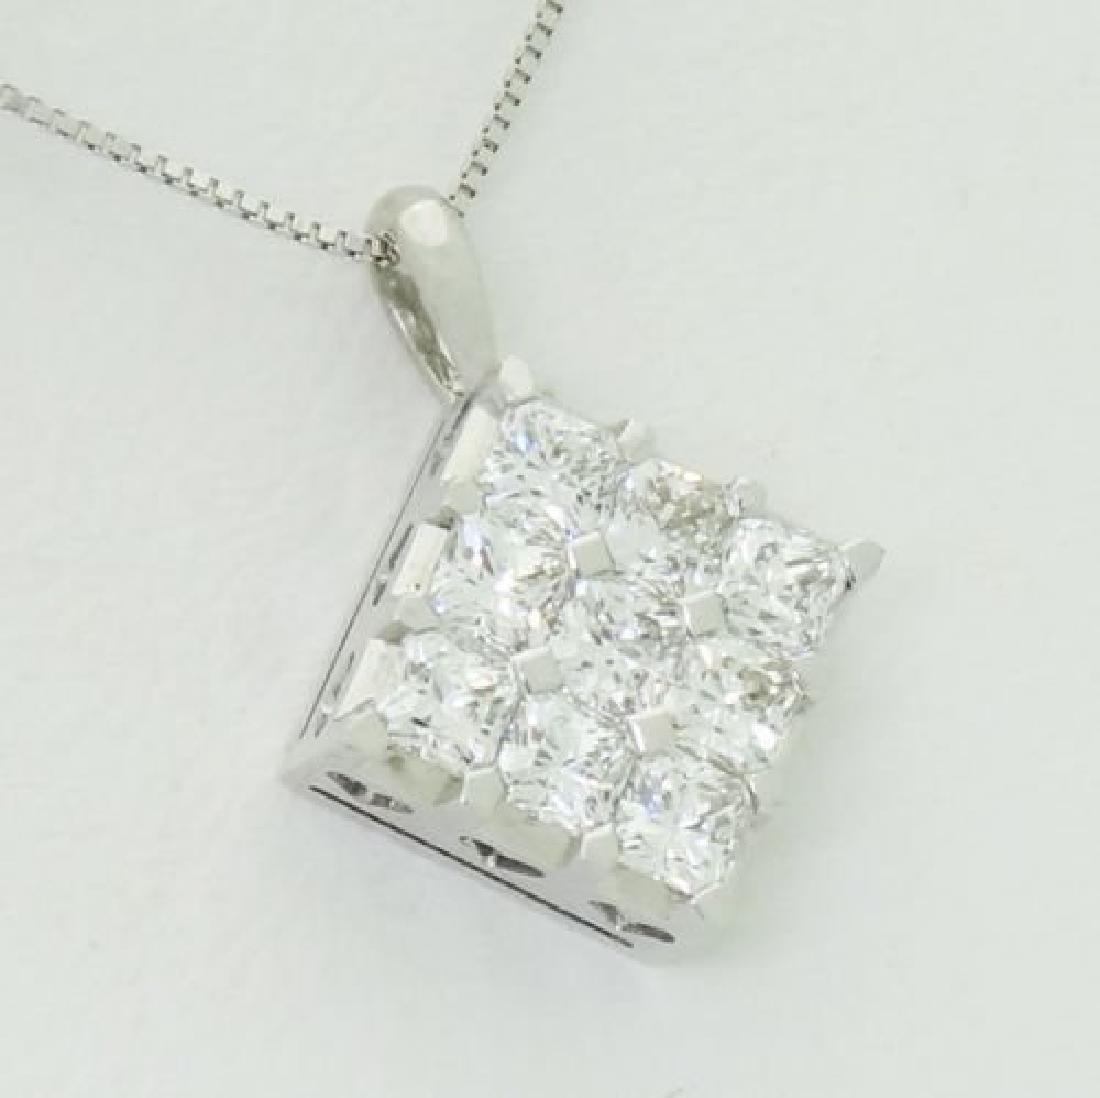 18K Gold 1.28 Carat TCW VVS1-2 E-F Diamond Pendant